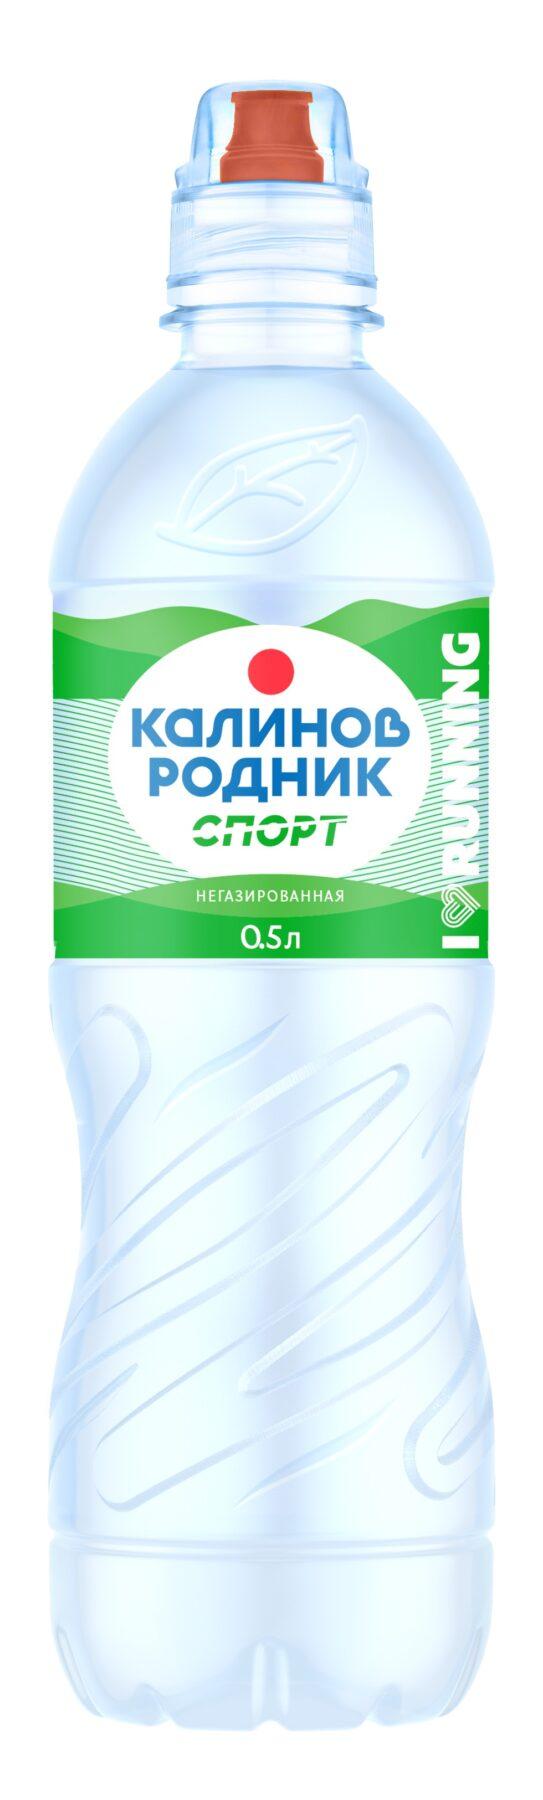 КАЛИНОВ РОДНИК